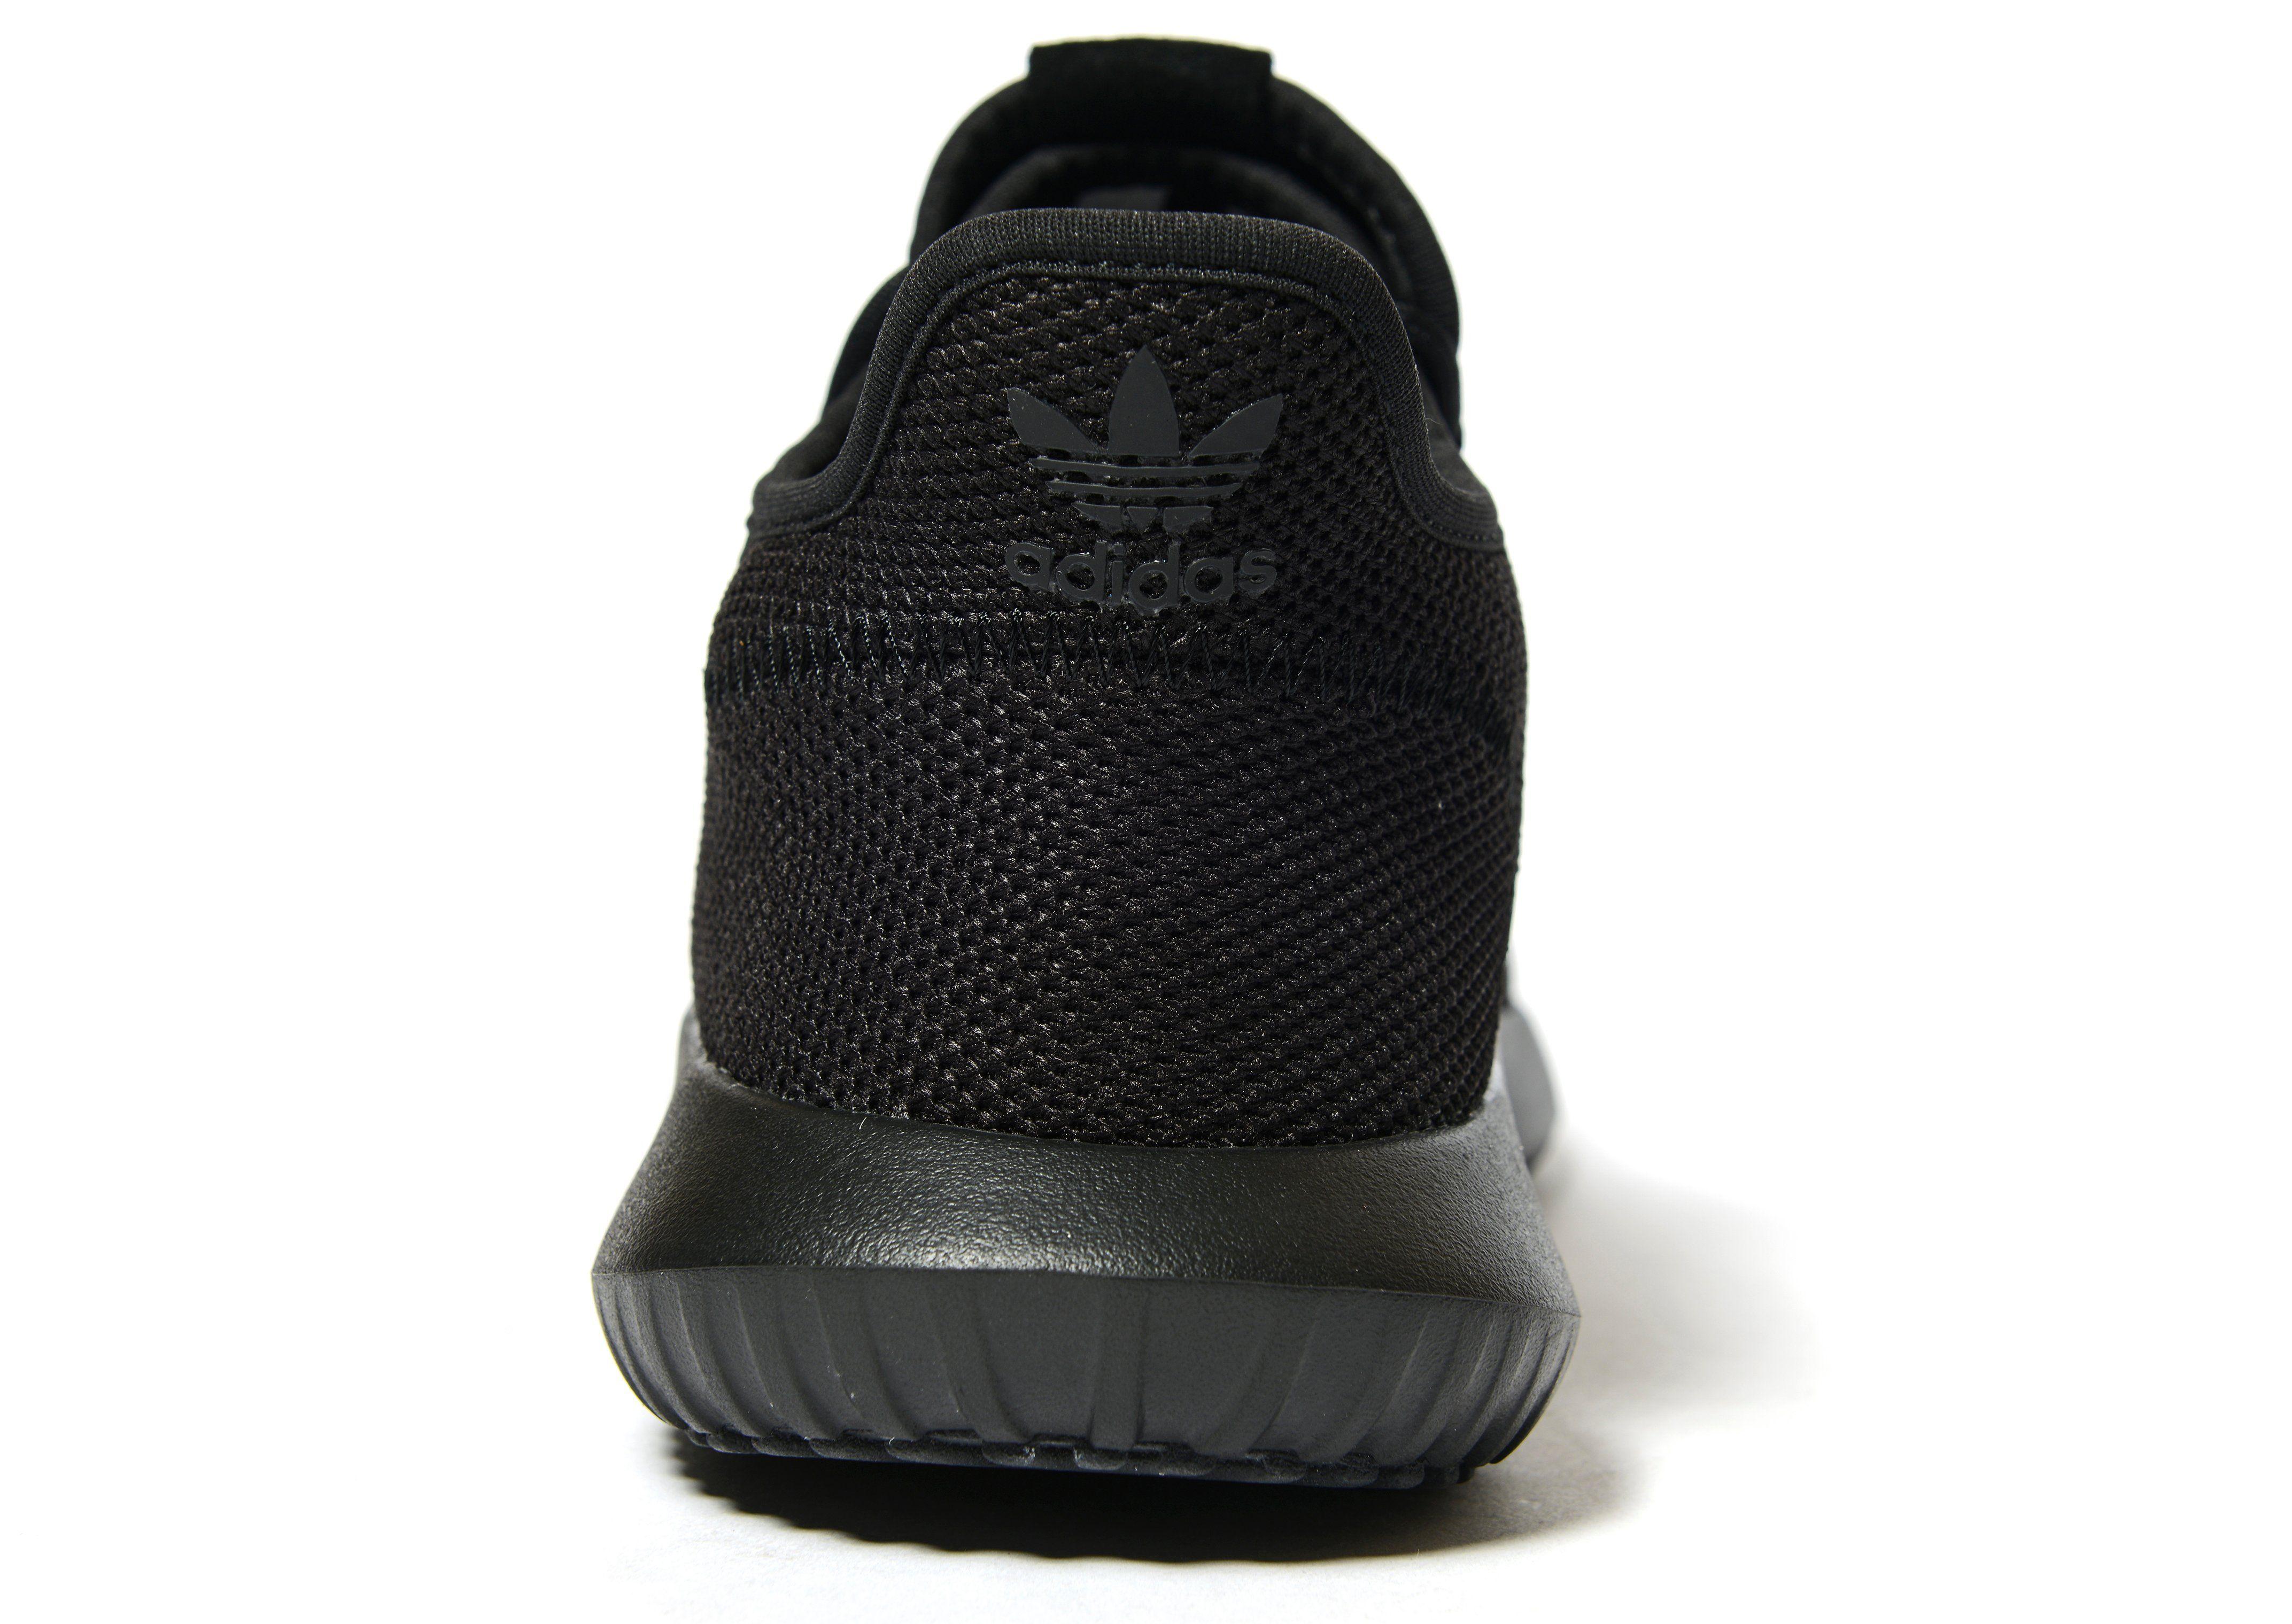 Online Einkaufen Neue Ankunft Verkauf Online adidas Originals Tubular Shadow Schwarz Zum Verkauf Preiswerten Realen Verkauf Schnelle Lieferung Spielraum 2018 Neu aDAJ3LFc